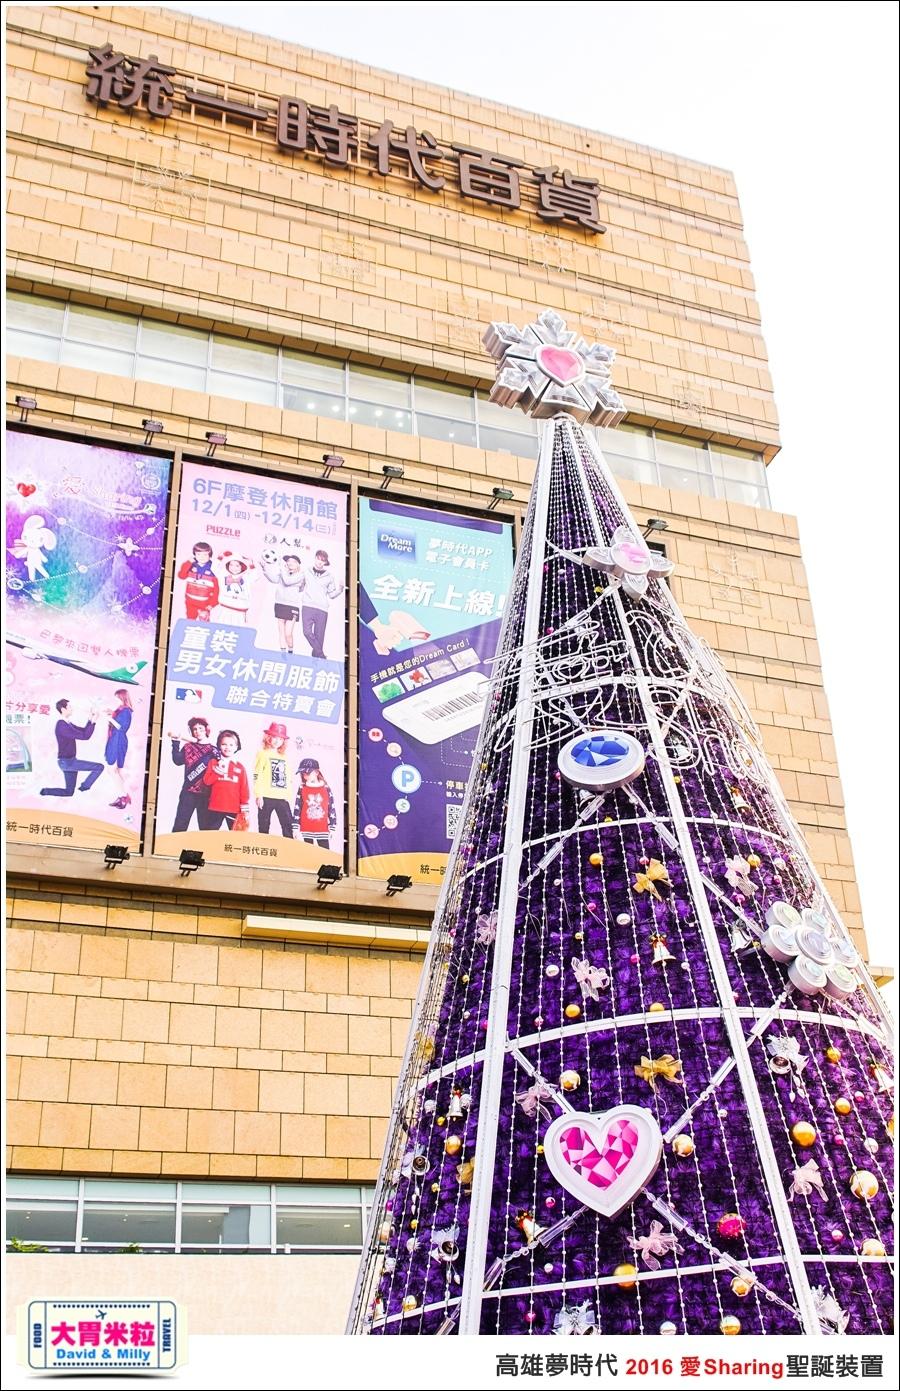 2016聖誕約會景點推薦@高雄夢時代 統一時代百貨 2016聖誕裝置@大胃米粒0002.jpg